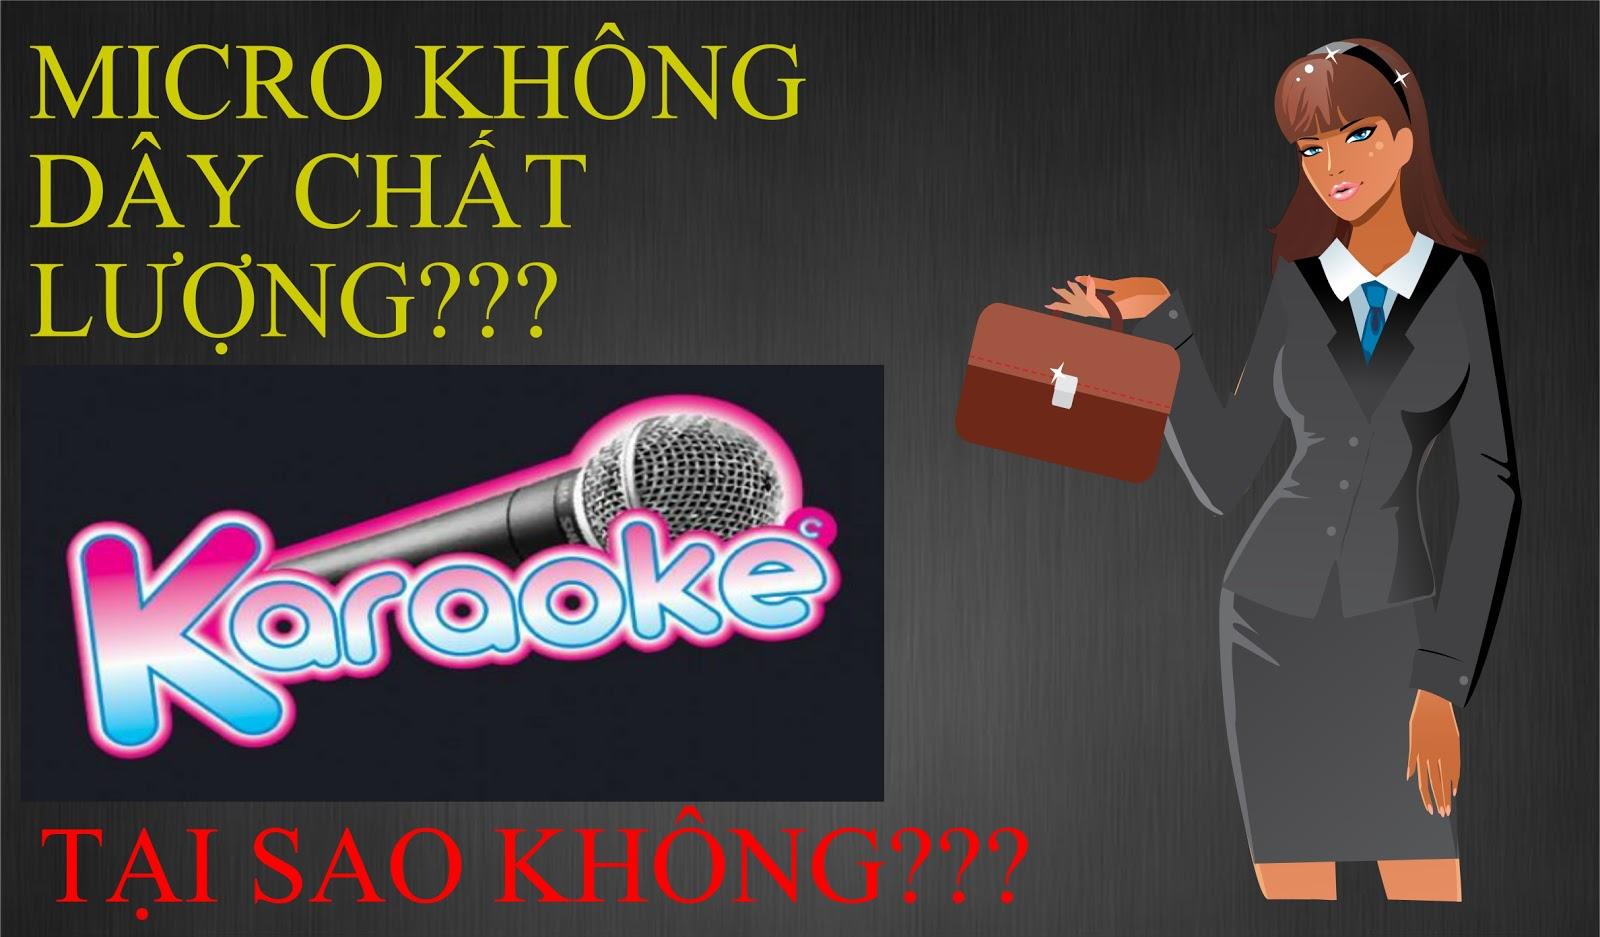 micro-khong-day-shure-loai-nao-tot